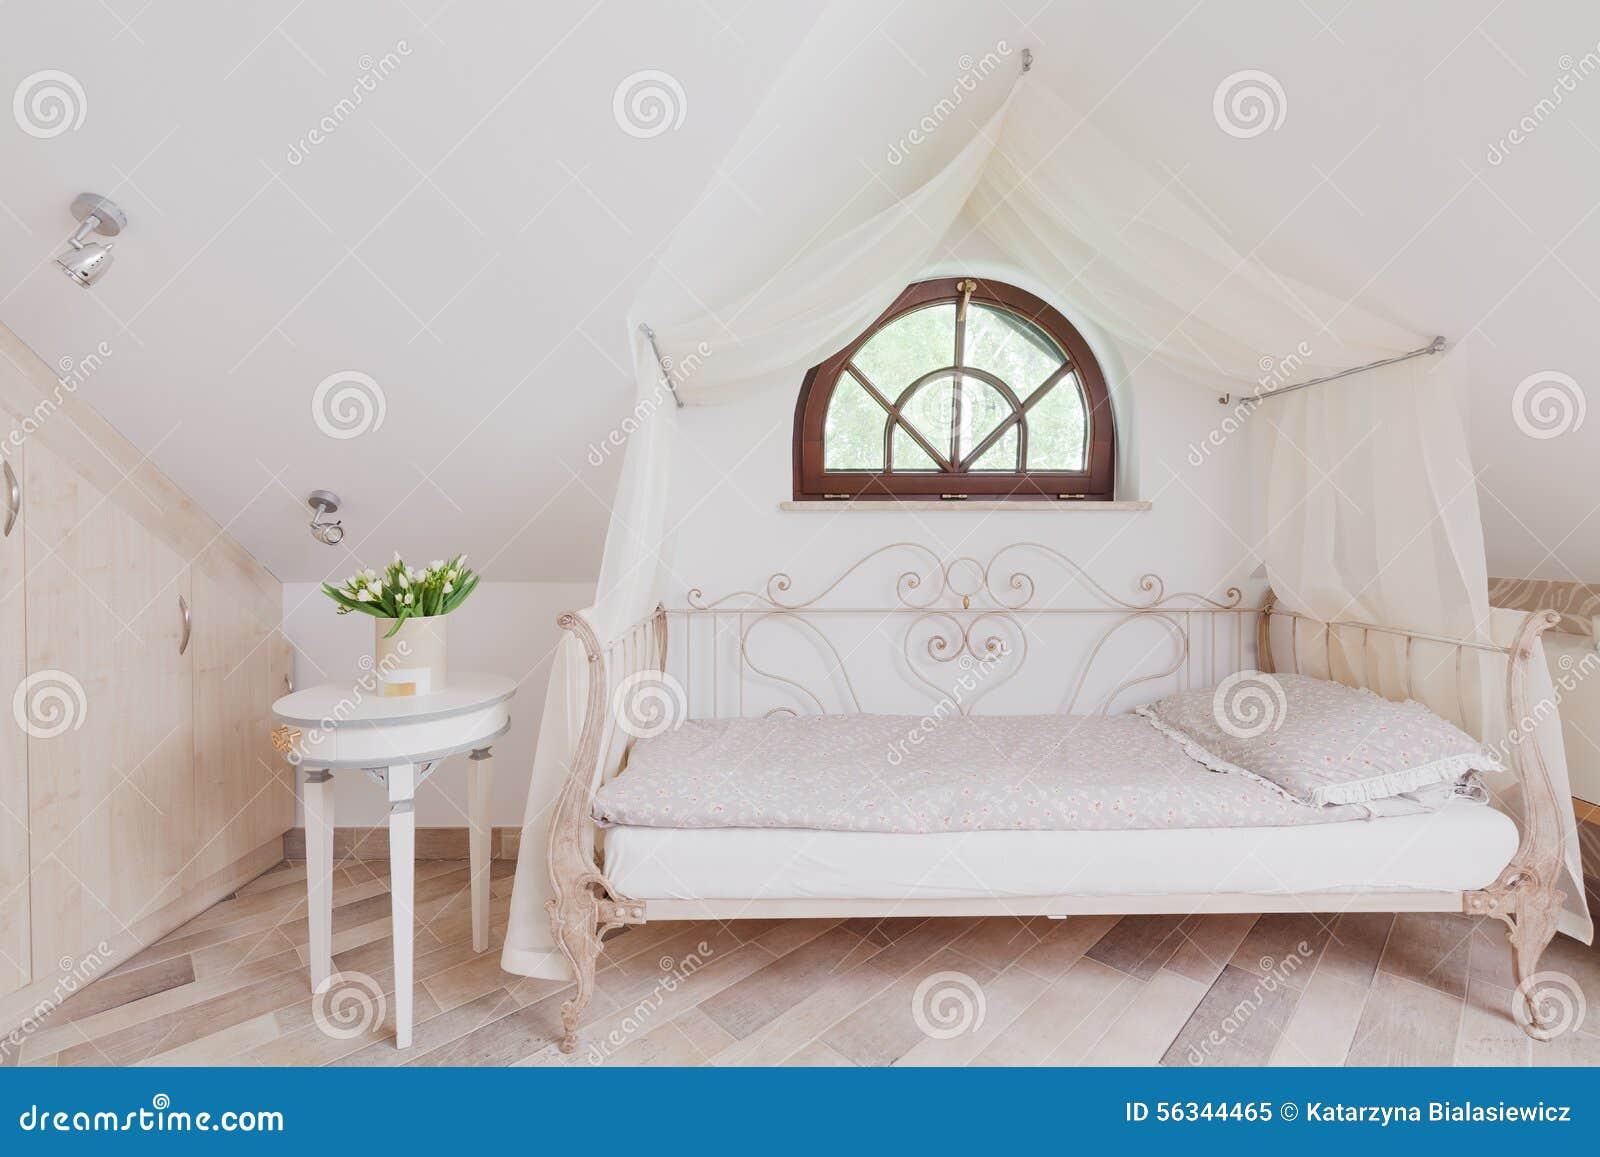 Immagini Camere Da Letto Romantiche : Letto alla moda in camera da letto romantica immagine stock